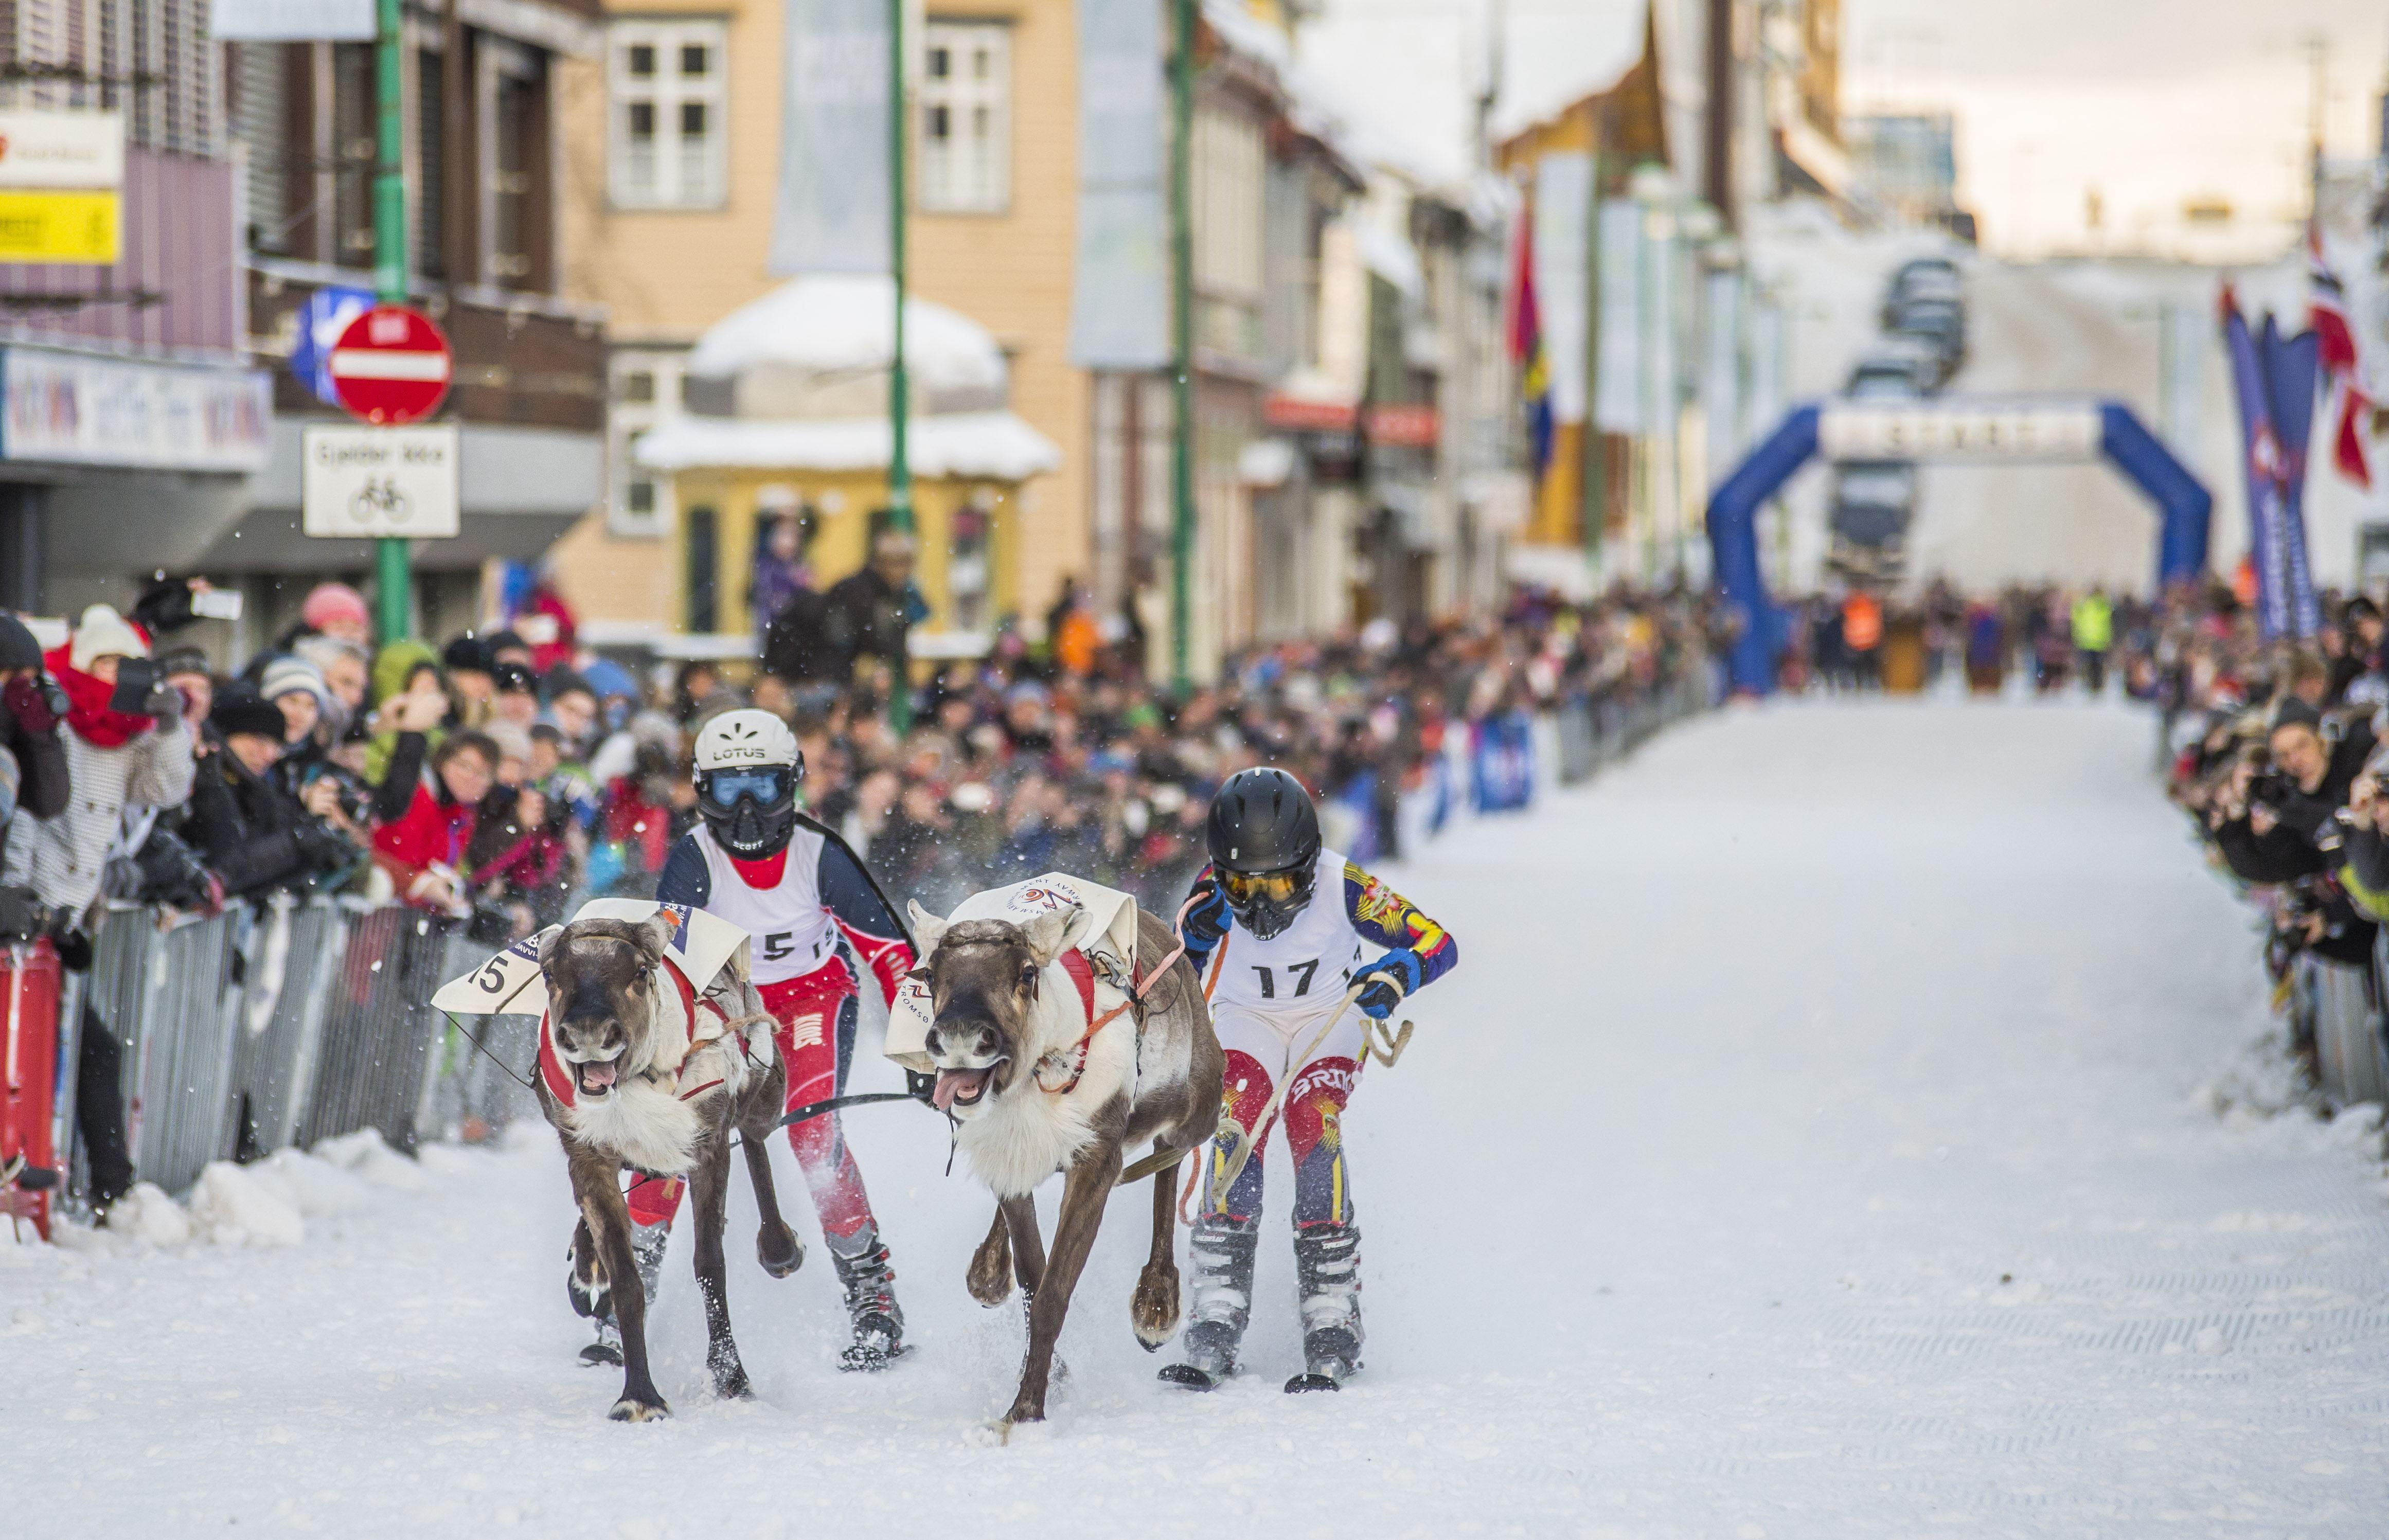 © Truls Tiller, Sami week with Norwegian Championship in reindeer racing and lasso throwing